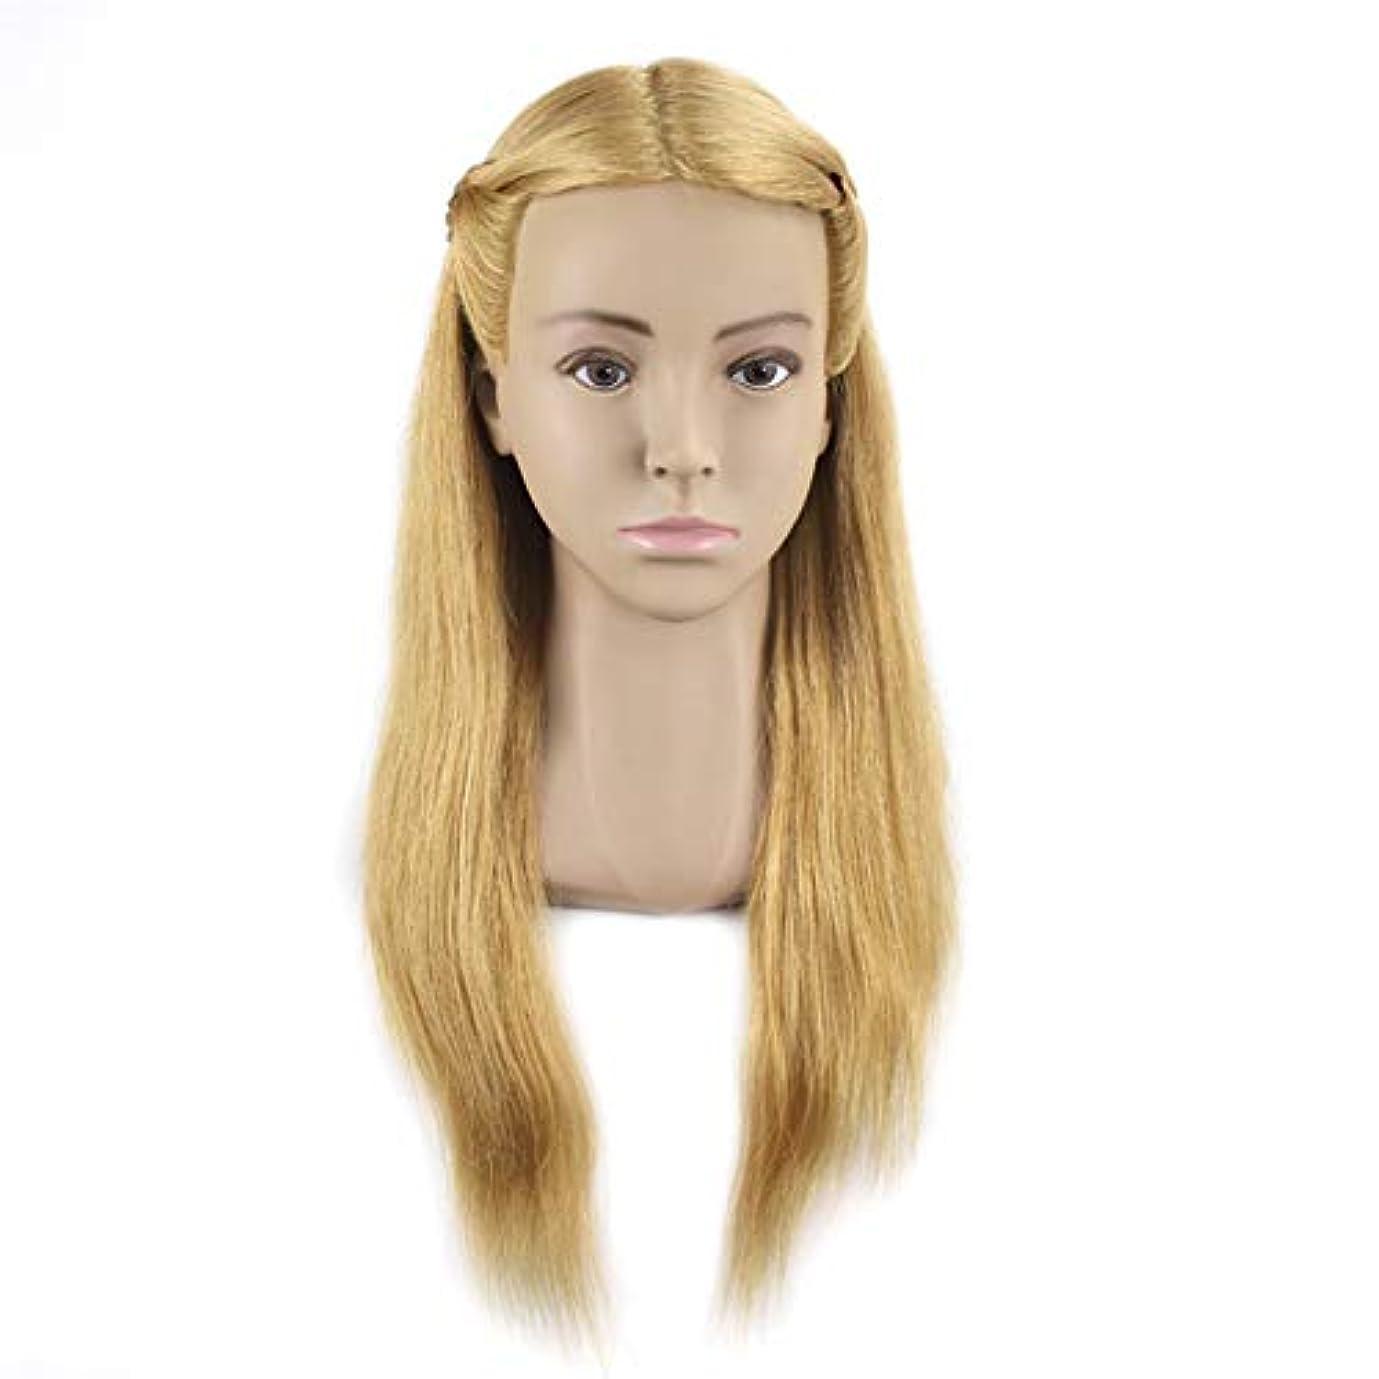 アレキサンダーグラハムベル作成するみぞれ完全な人毛ヘアスタイリングモデルヘッド女性モデルヘッドティーチングヘッド理髪店編組髪染め学習ダミーヘッド